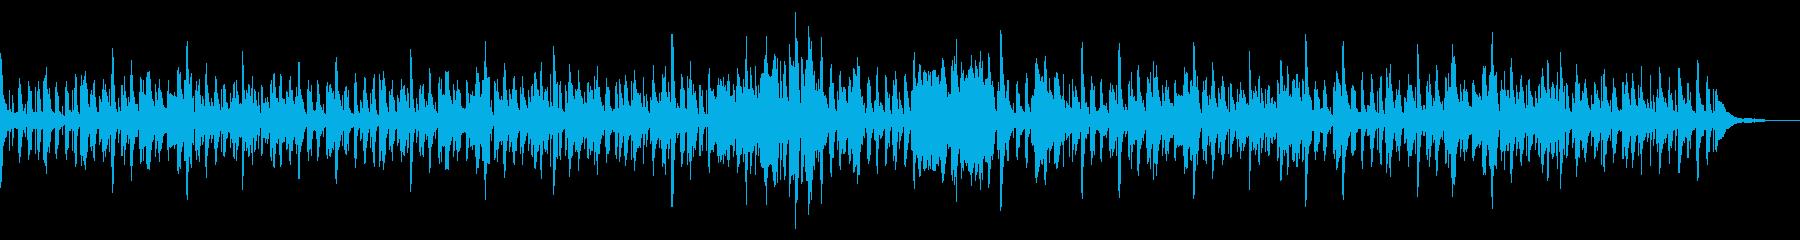 ちょっぴりスインギーなワルツの再生済みの波形